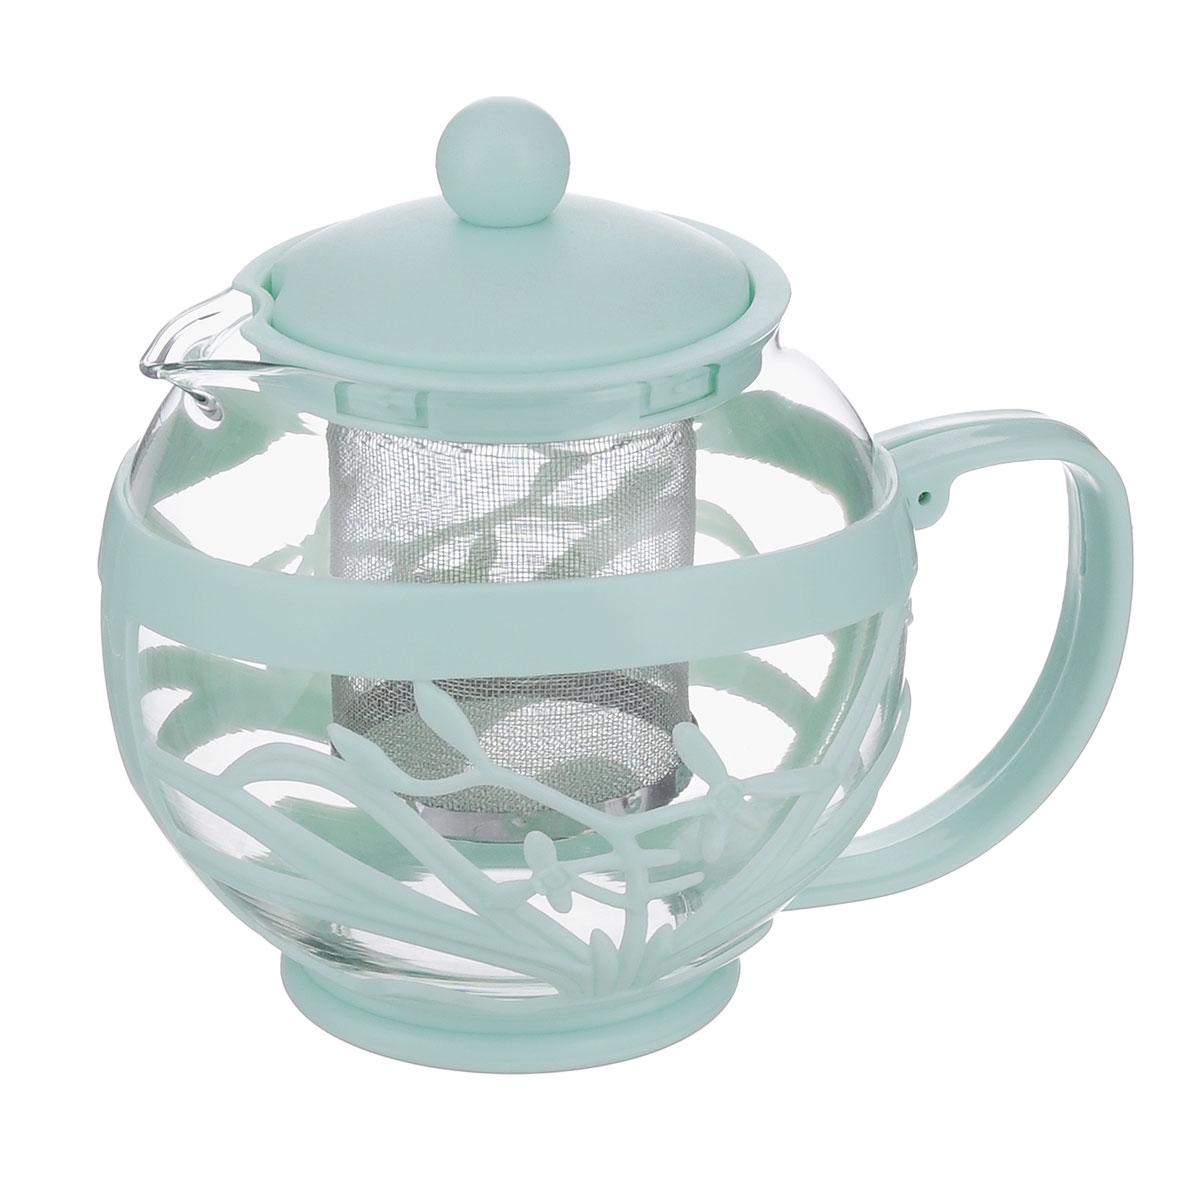 Чайник заварочный Menu Мелисса, с фильтром, цвет: прозрачный, мятный, 750 мл115510Чайник Menu Мелисса изготовлен из прочного стекла и пластика. Он прекрасно подойдет для заваривания чая и травяных напитков. Классический стиль и оптимальный объем делают его удобным и оригинальным аксессуаром. Изделие имеет удлиненный металлический фильтр, который обеспечивает высокое качество фильтрации напитка и позволяет заварить чай даже при небольшом уровне воды. Ручка чайника не нагревается и обеспечивает безопасность использования. Нельзя мыть в посудомоечной машине. Диаметр чайника (по верхнему краю): 8 см.Высота чайника (без учета крышки): 11 см.Размер фильтра: 6 х 6 х 7,2 см.